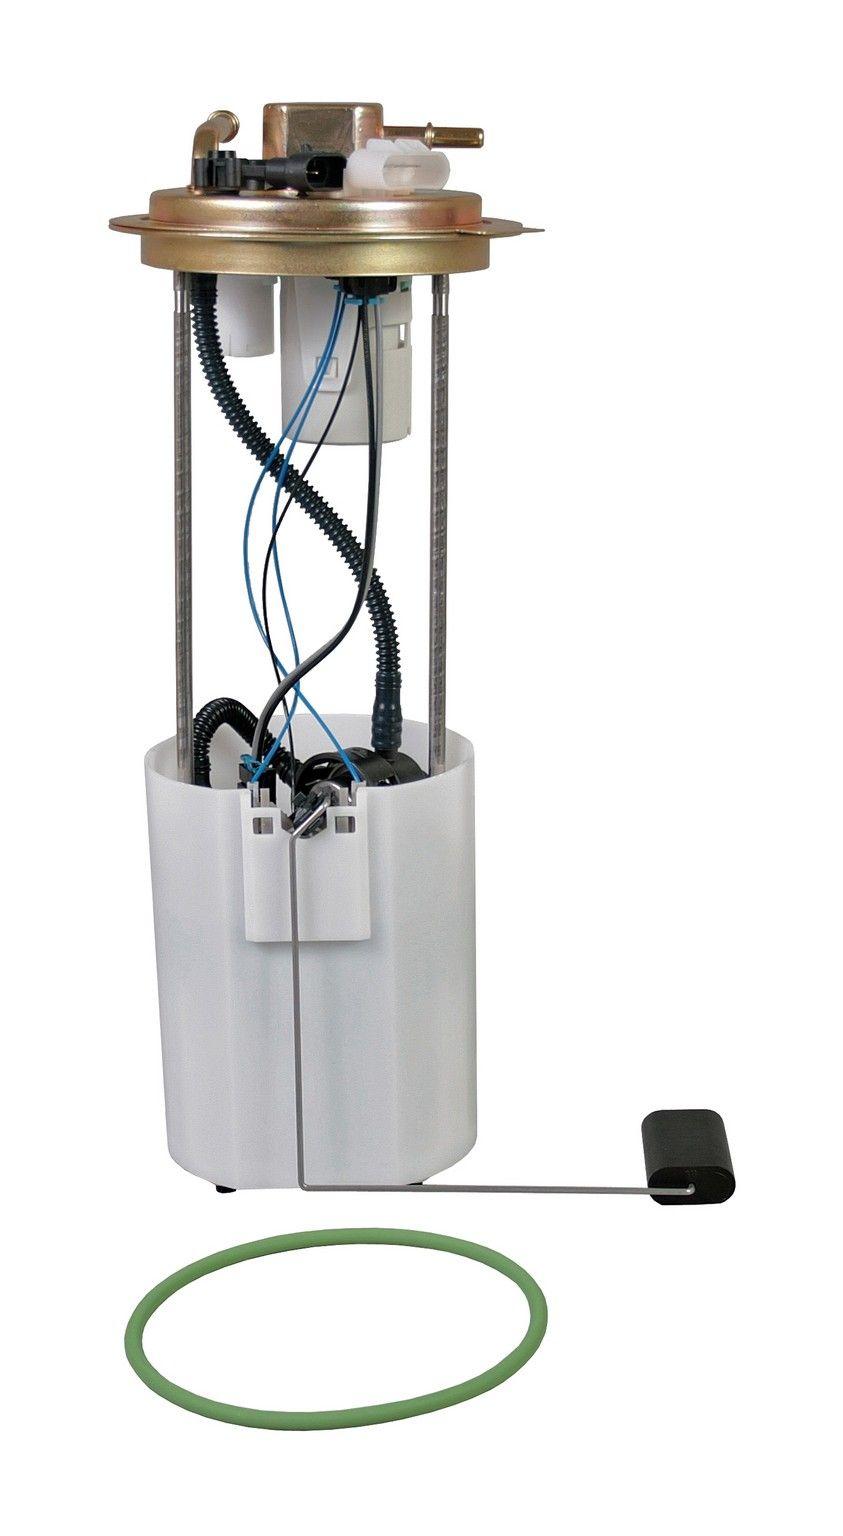 Chevrolet Silverado 1500 Fuel Pump Module Assembly